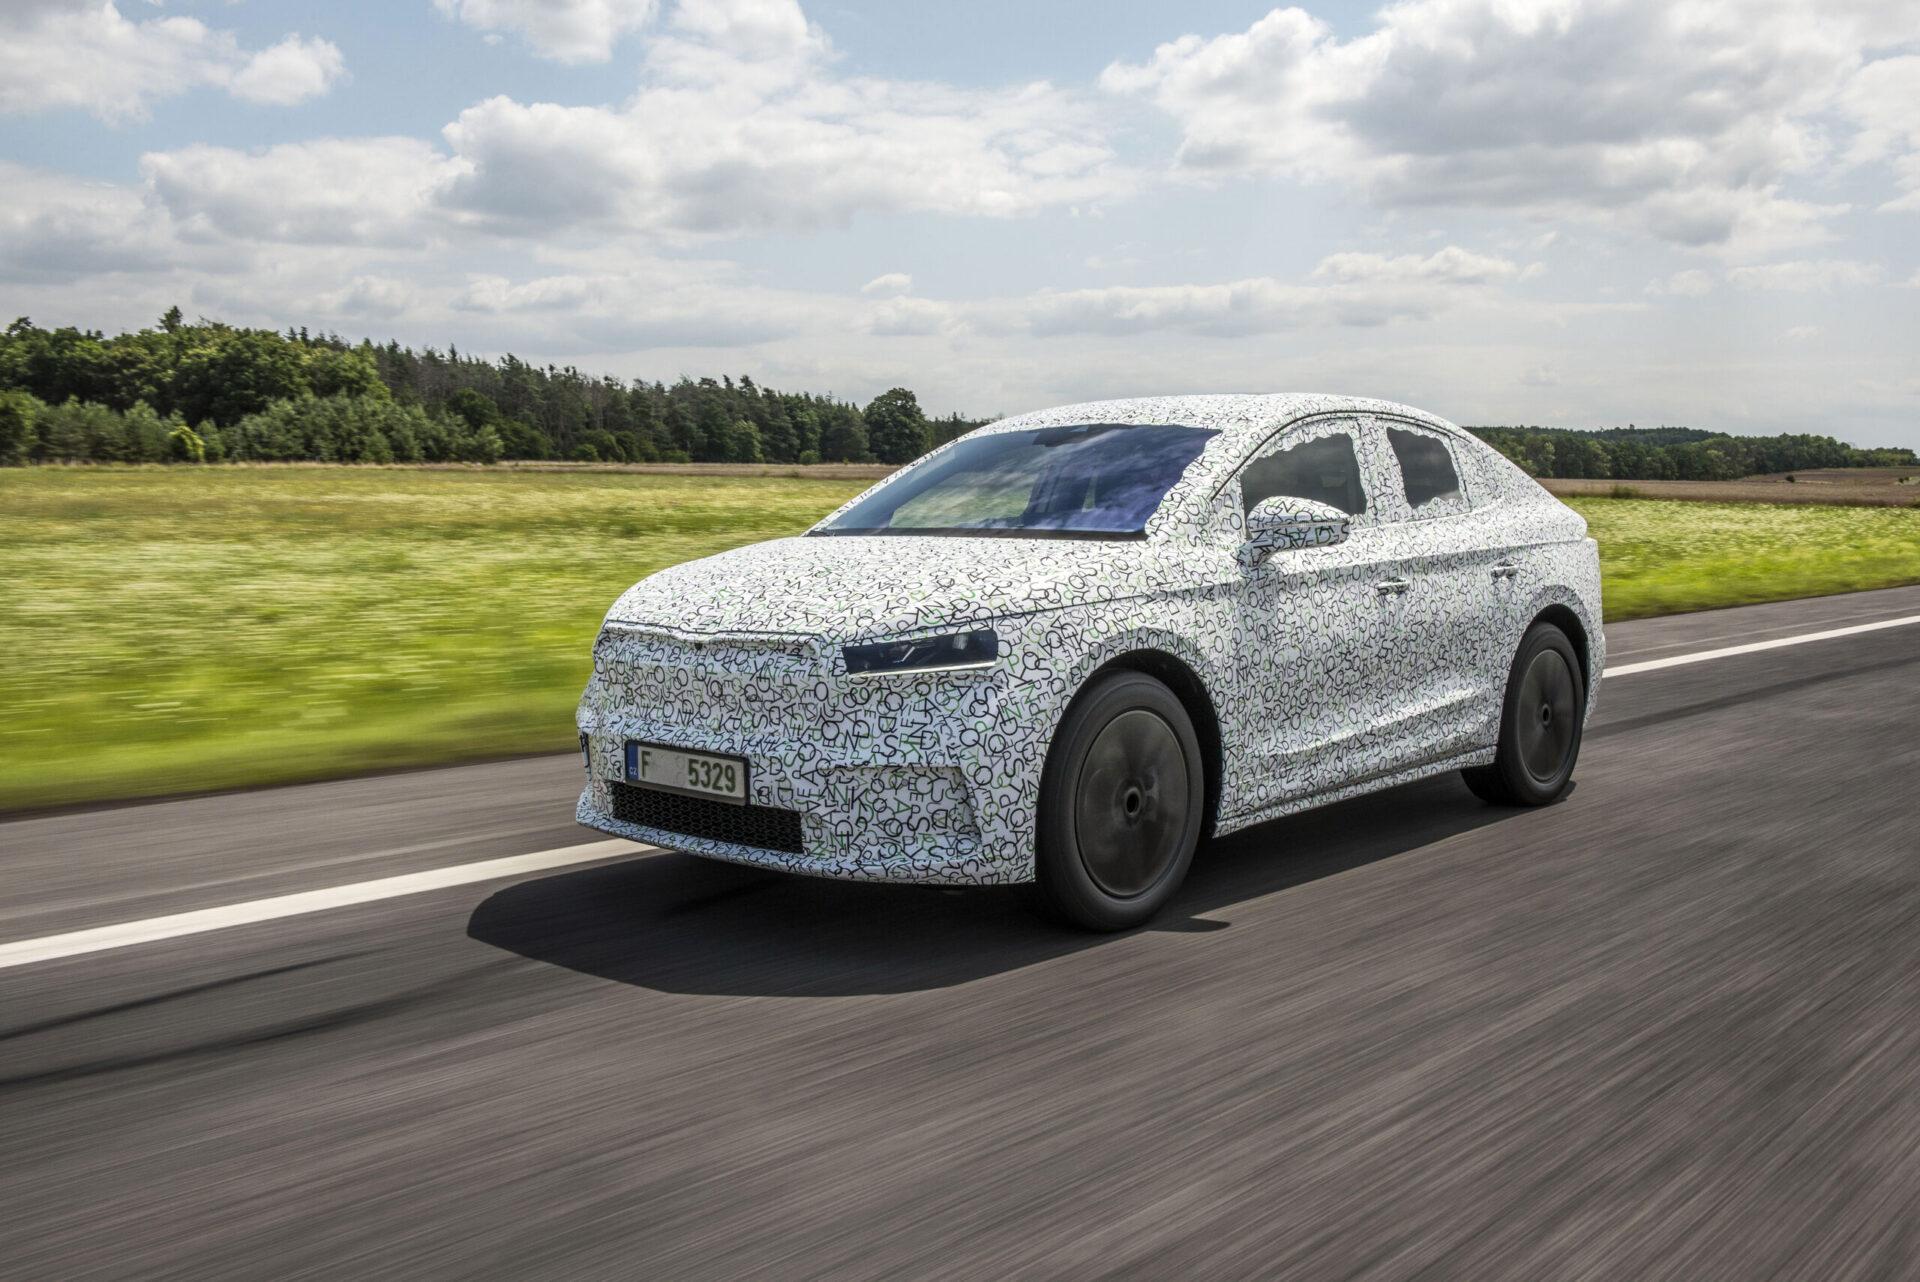 Компания Skoda анонсировала премьеру нового купеобразного кроссовера Skoda Enyaq Coupe iV